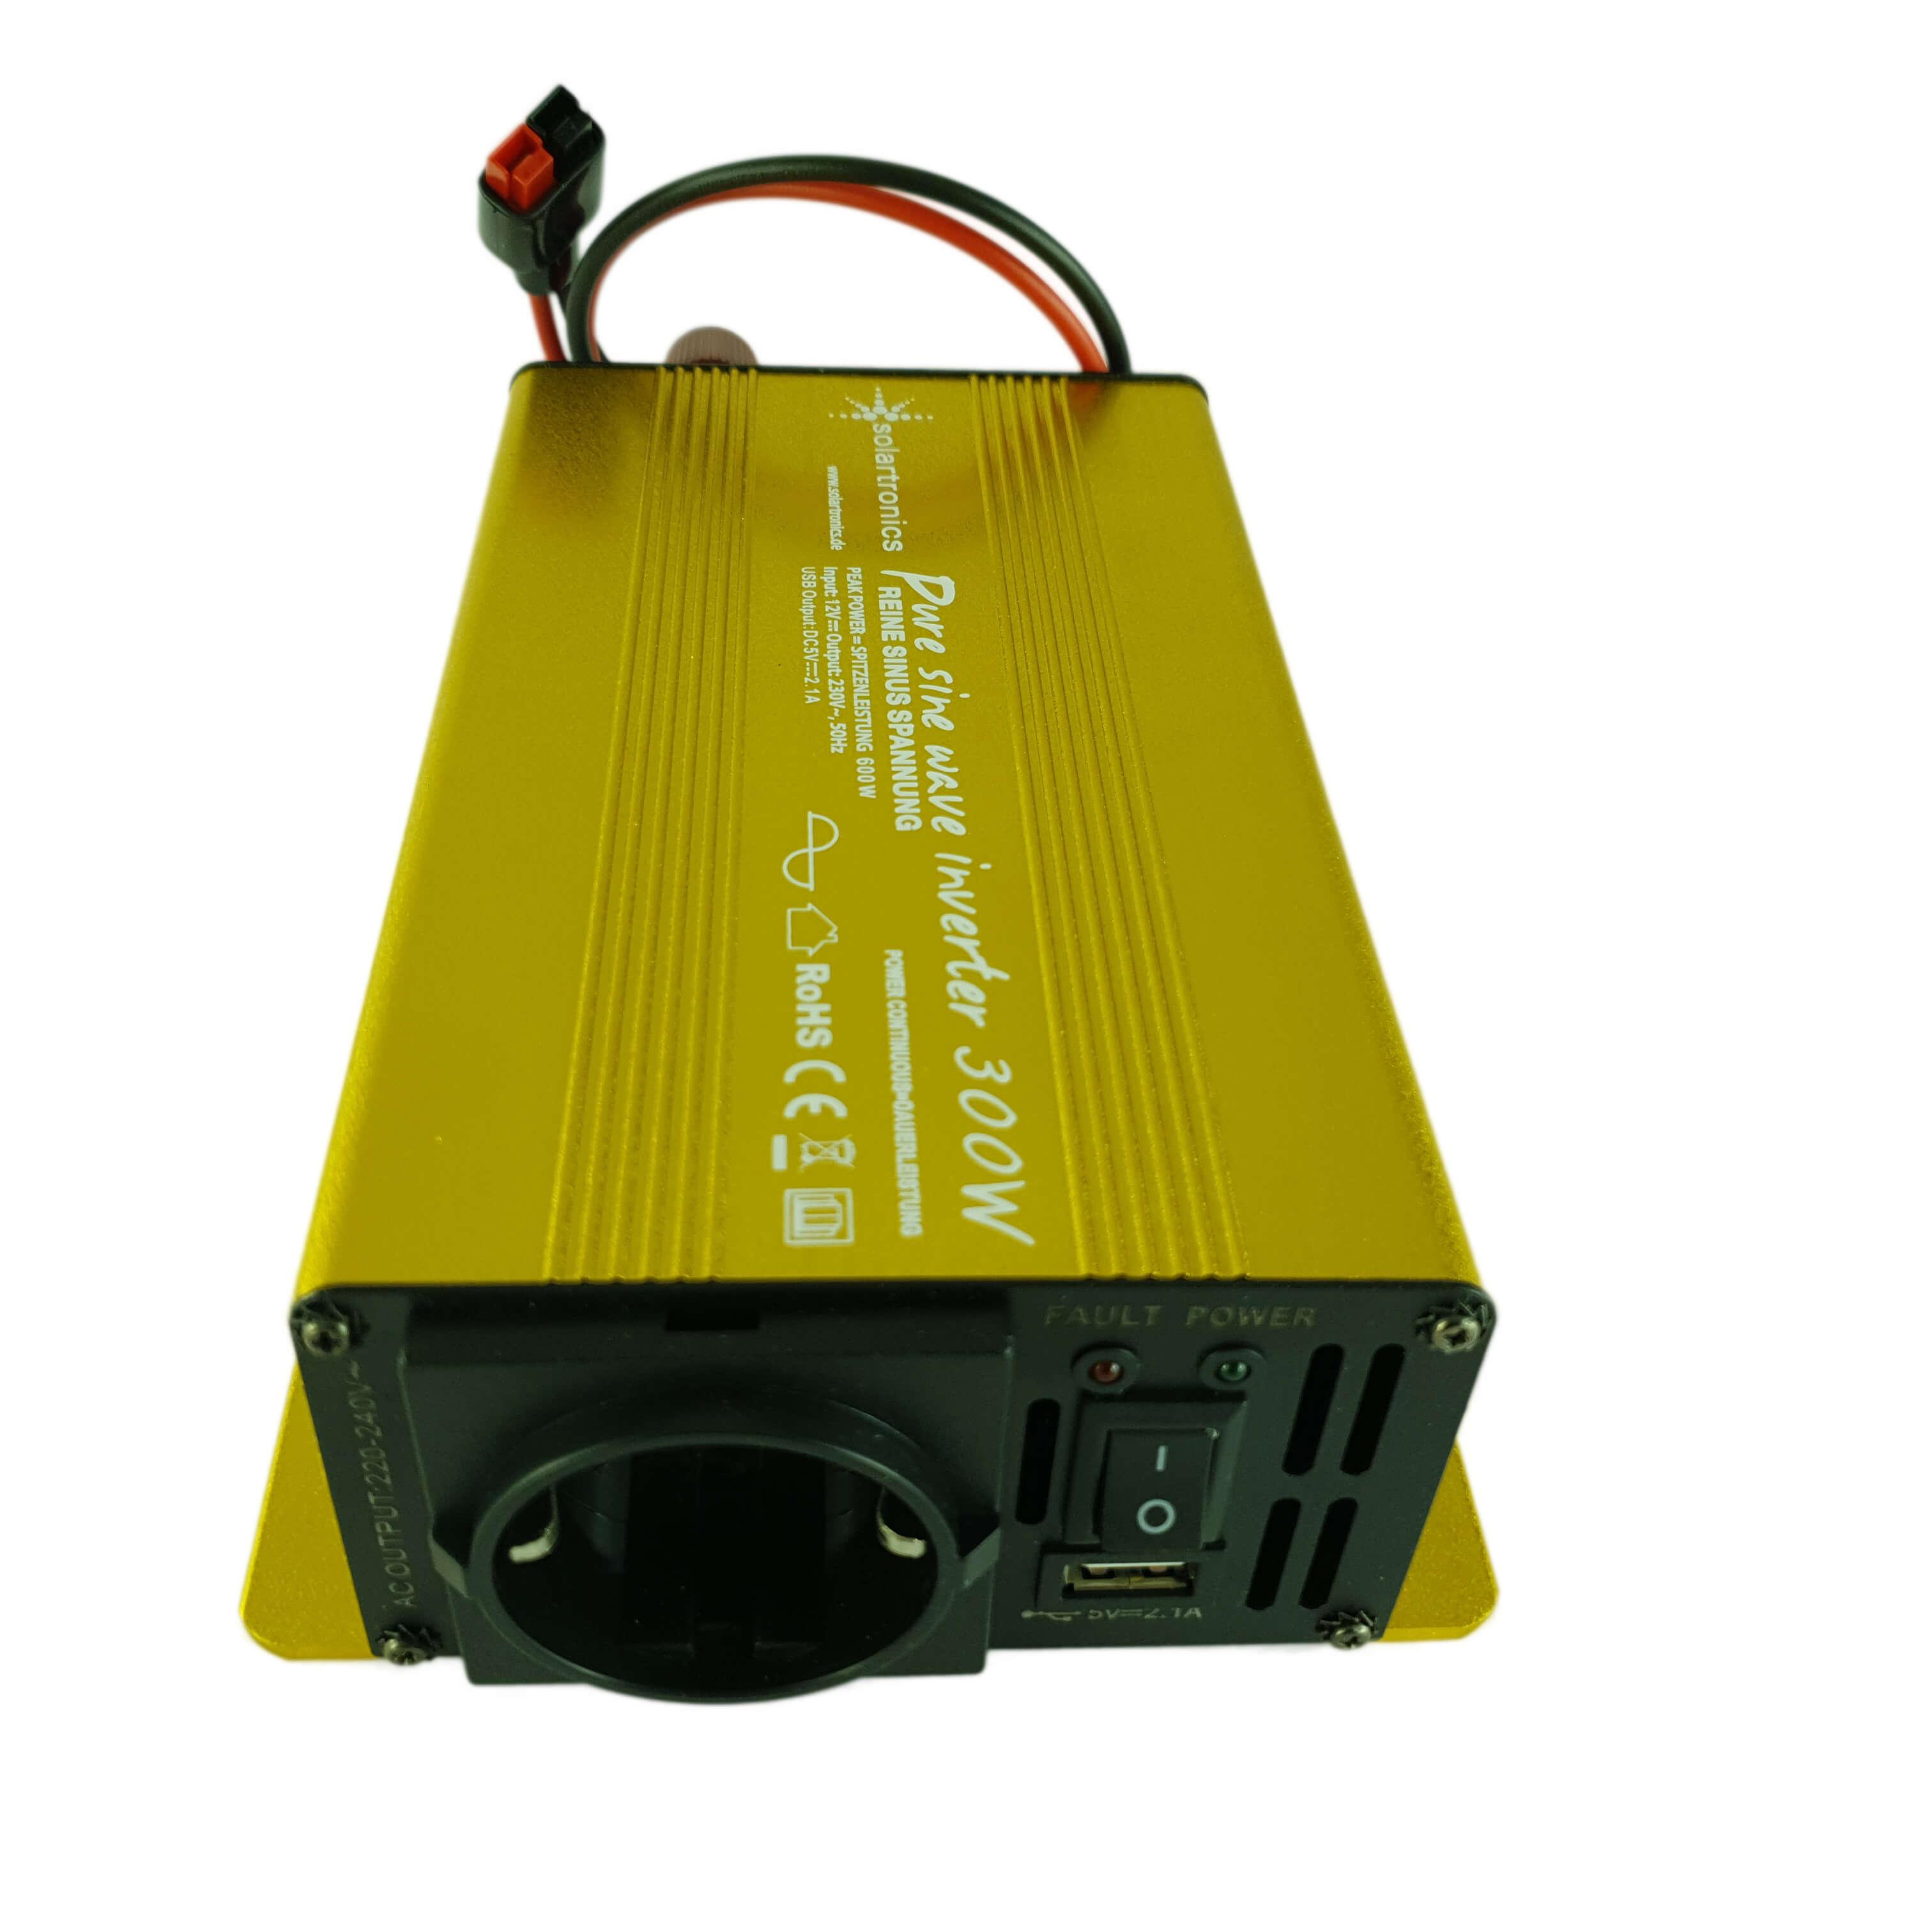 Dieser hochwertige Wechselrichter ermöglicht den Anschluss von Haushaltsgeräten (230 Volt) bis max. 250 Watt über eine übliche Haushaltssteckdose).